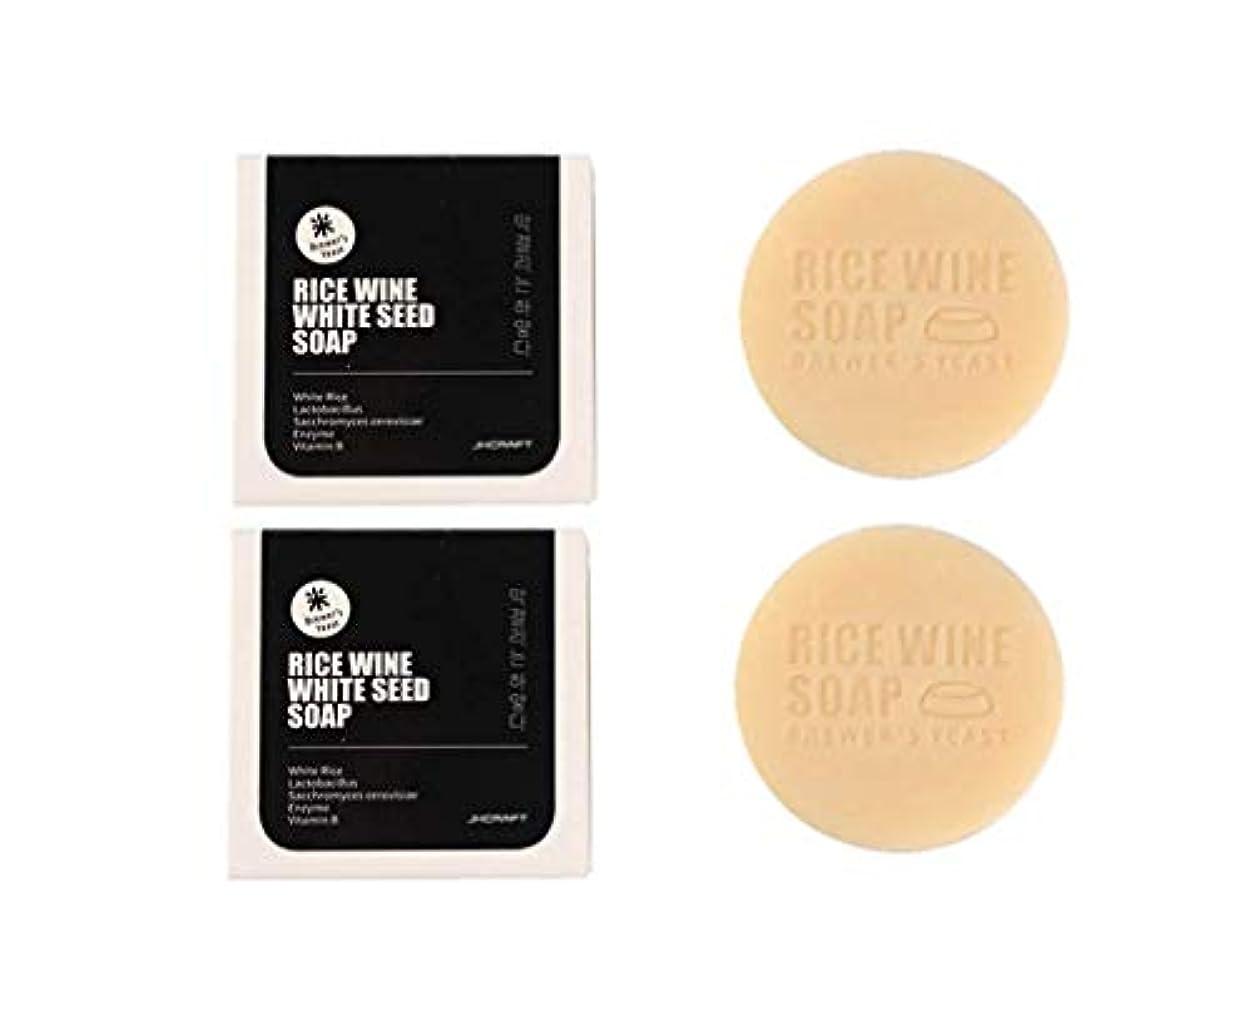 演じる研磨剤硬化するJKCRAFT RICEWINE WHITE SEED SOAP マッコリ酵母石鹸,無添加,無刺激,天然洗顔石鹸 2pcs [並行輸入品]